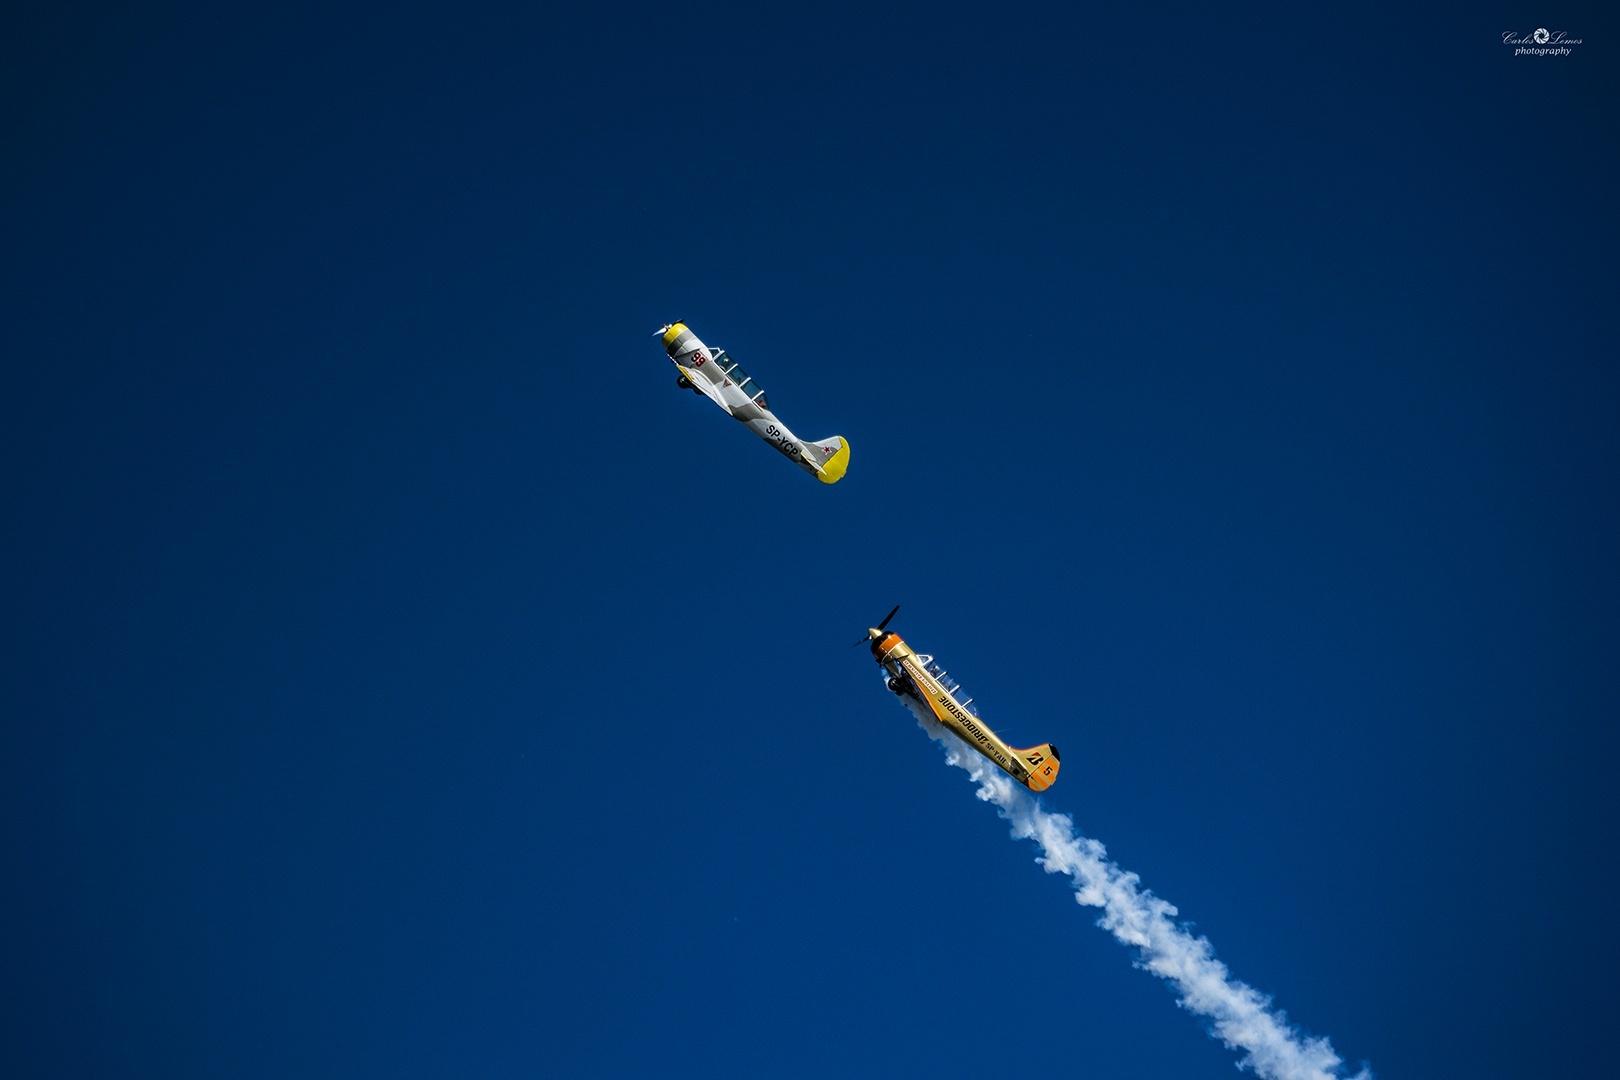 © Carlos Lemos - Air Race Gs